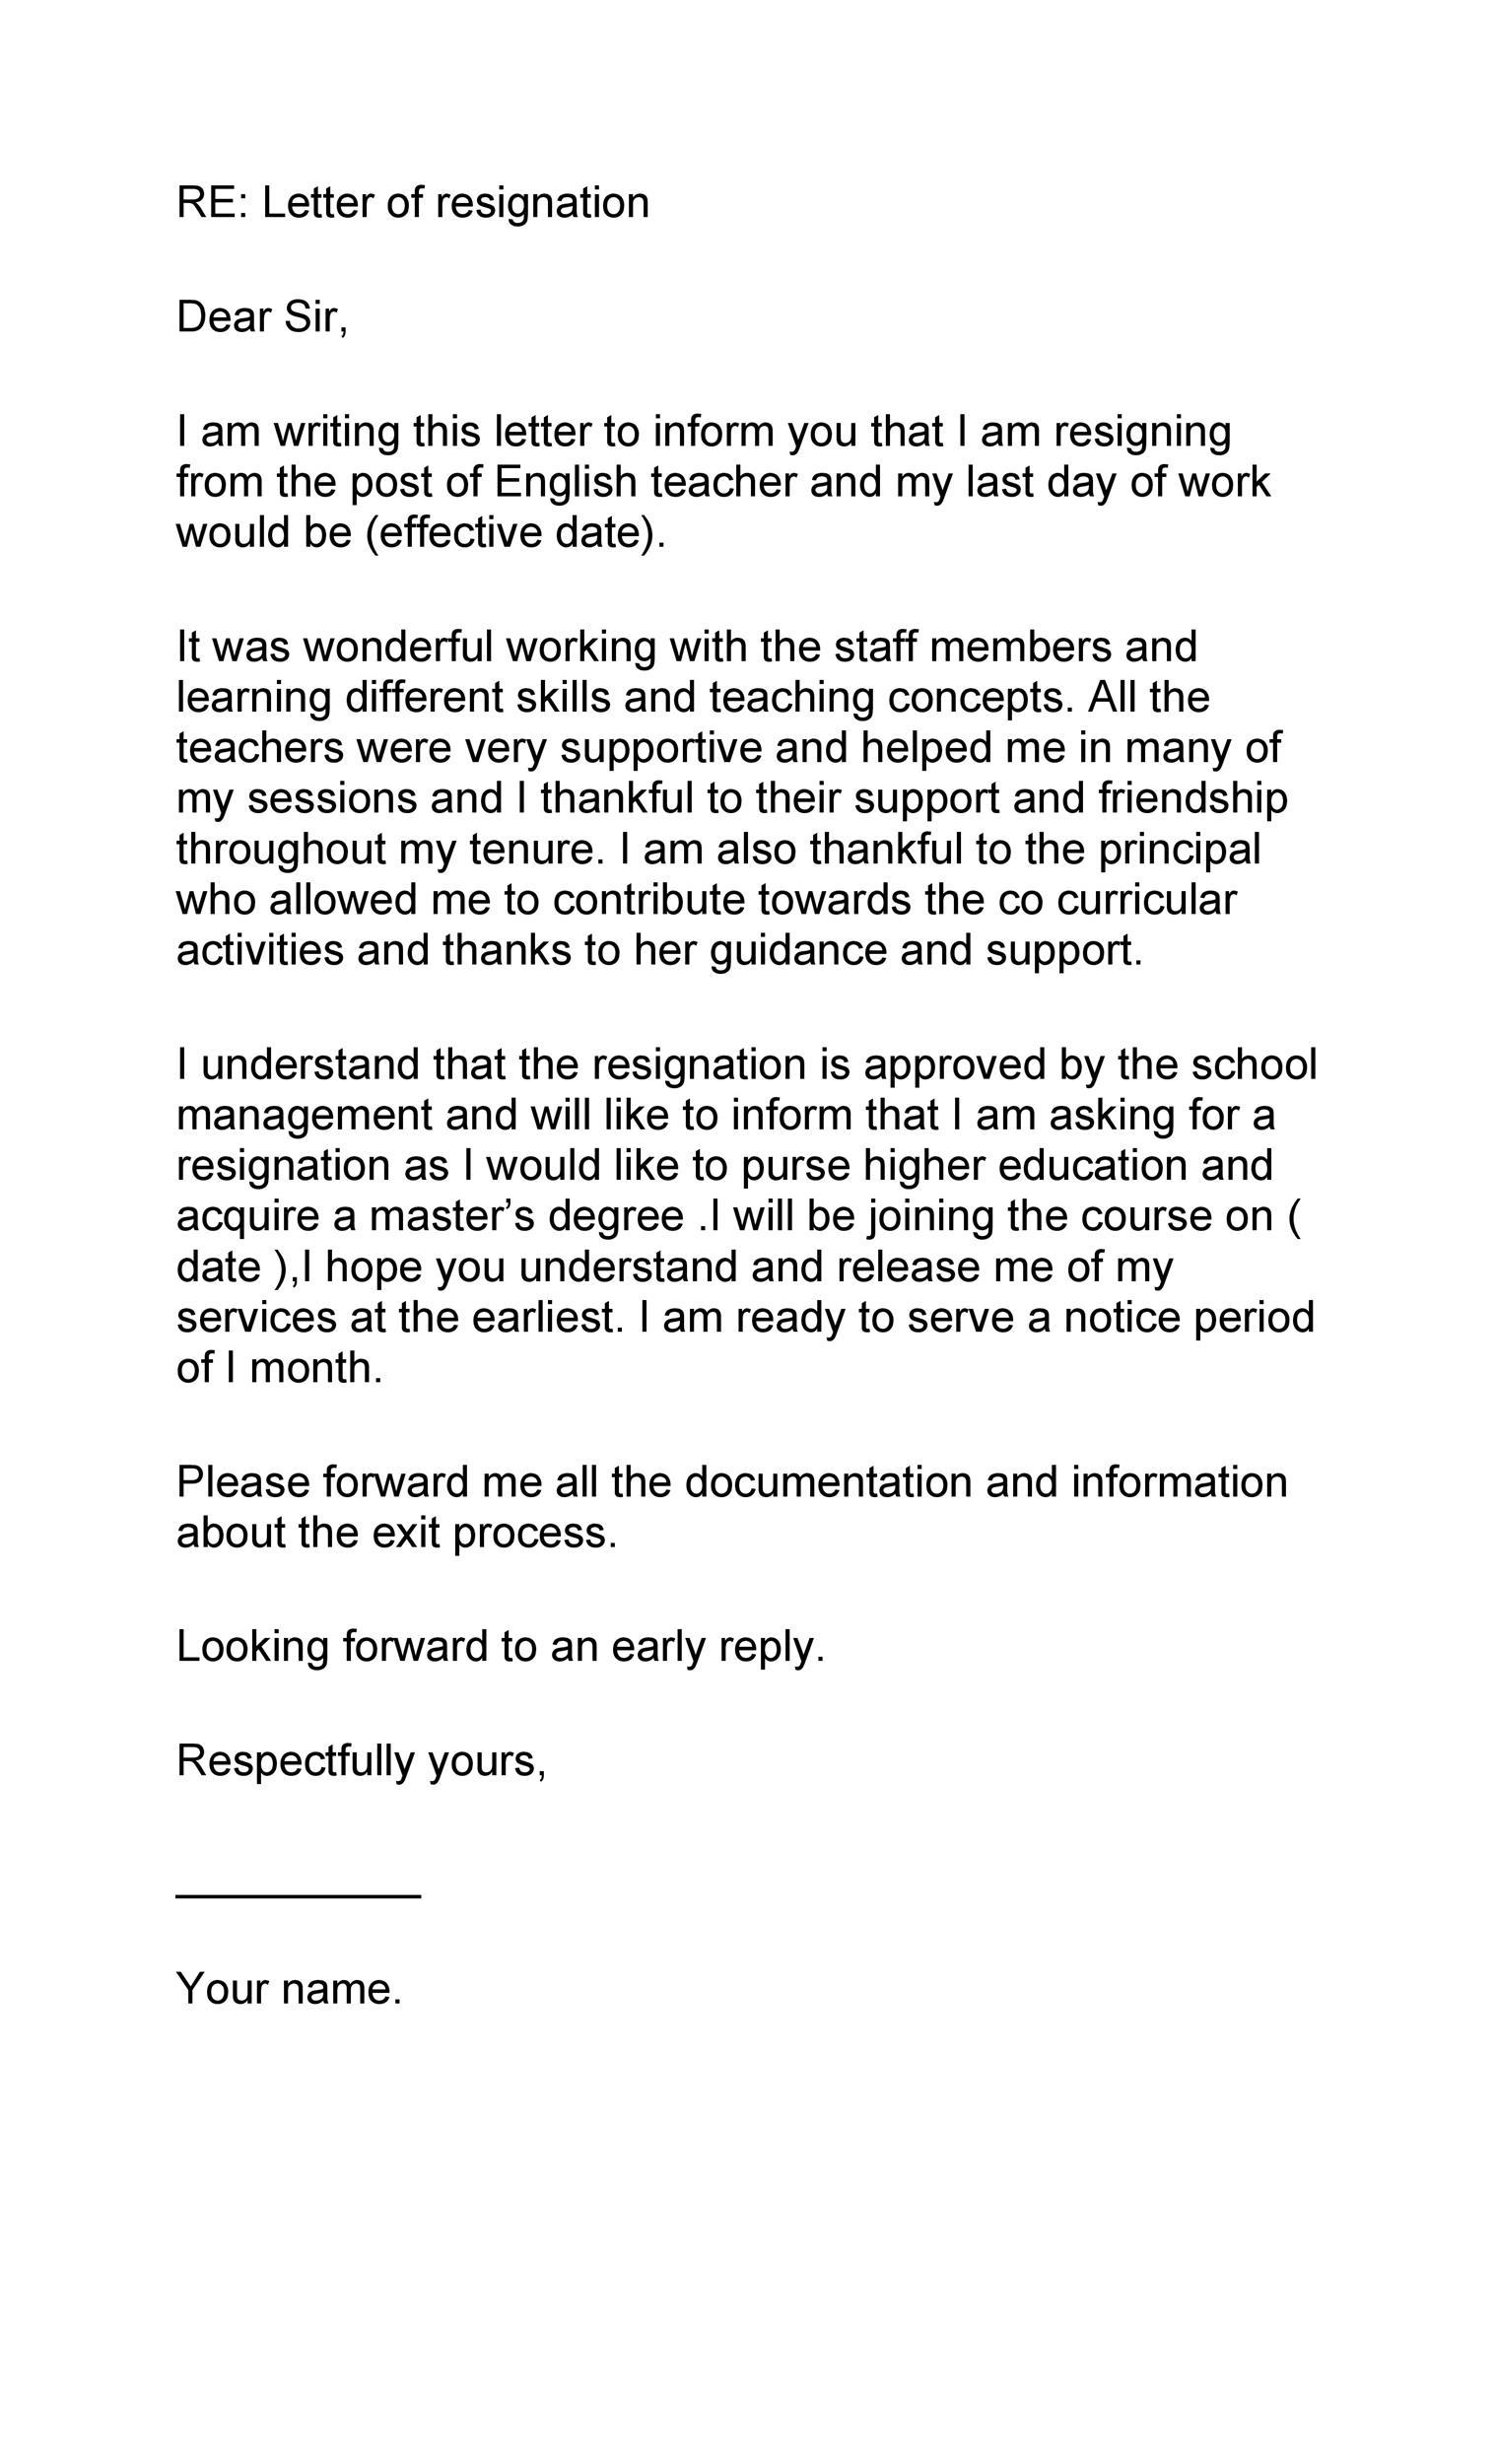 Free teacher resignation letter 12